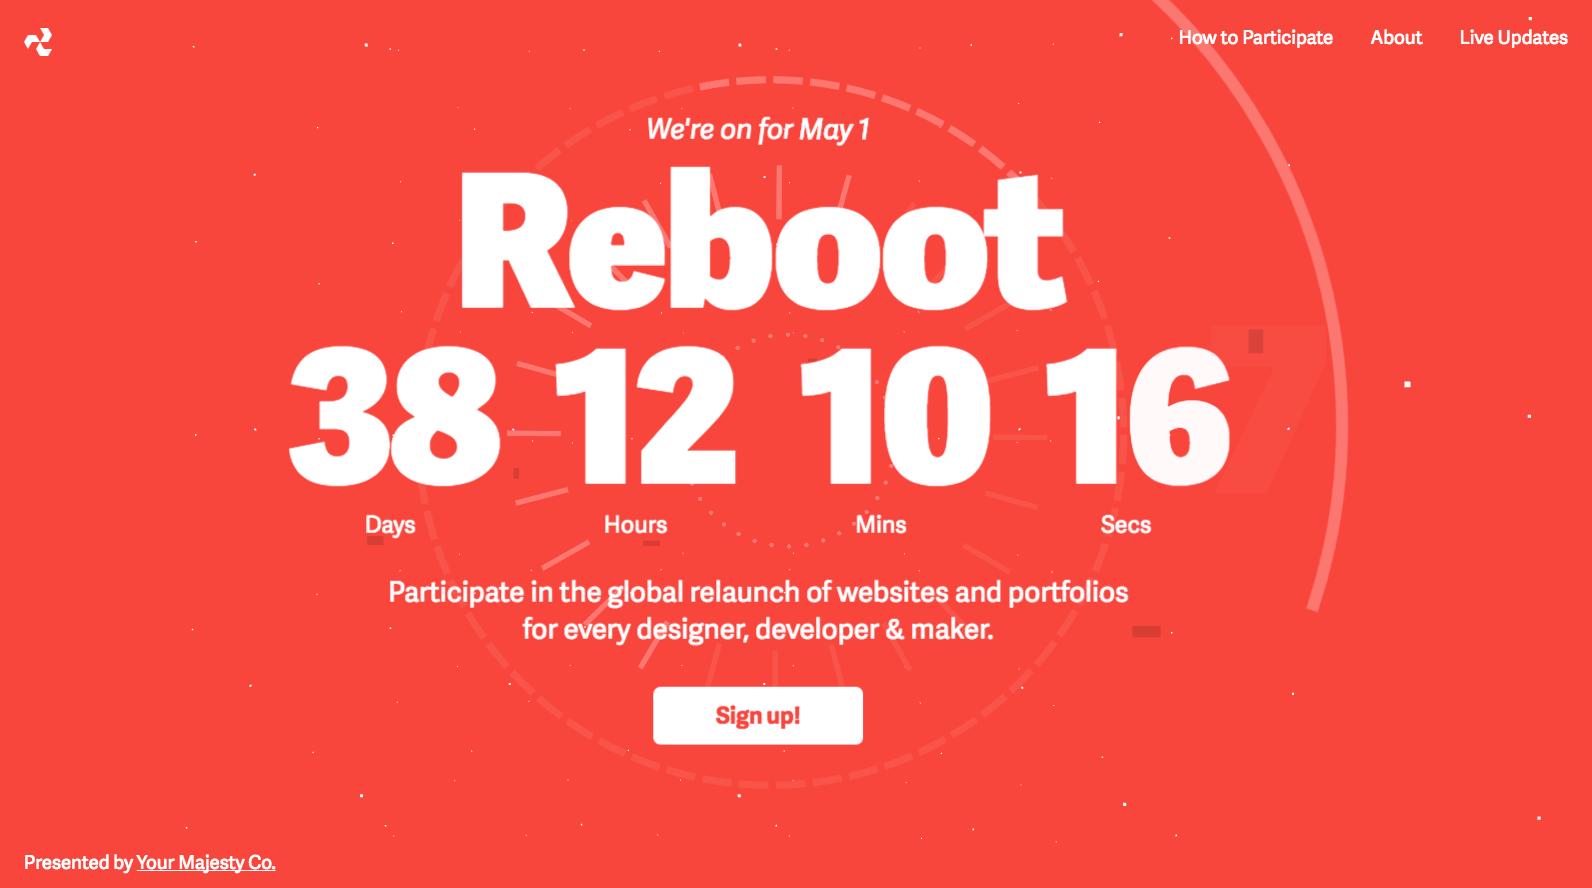 May 1 Reboot